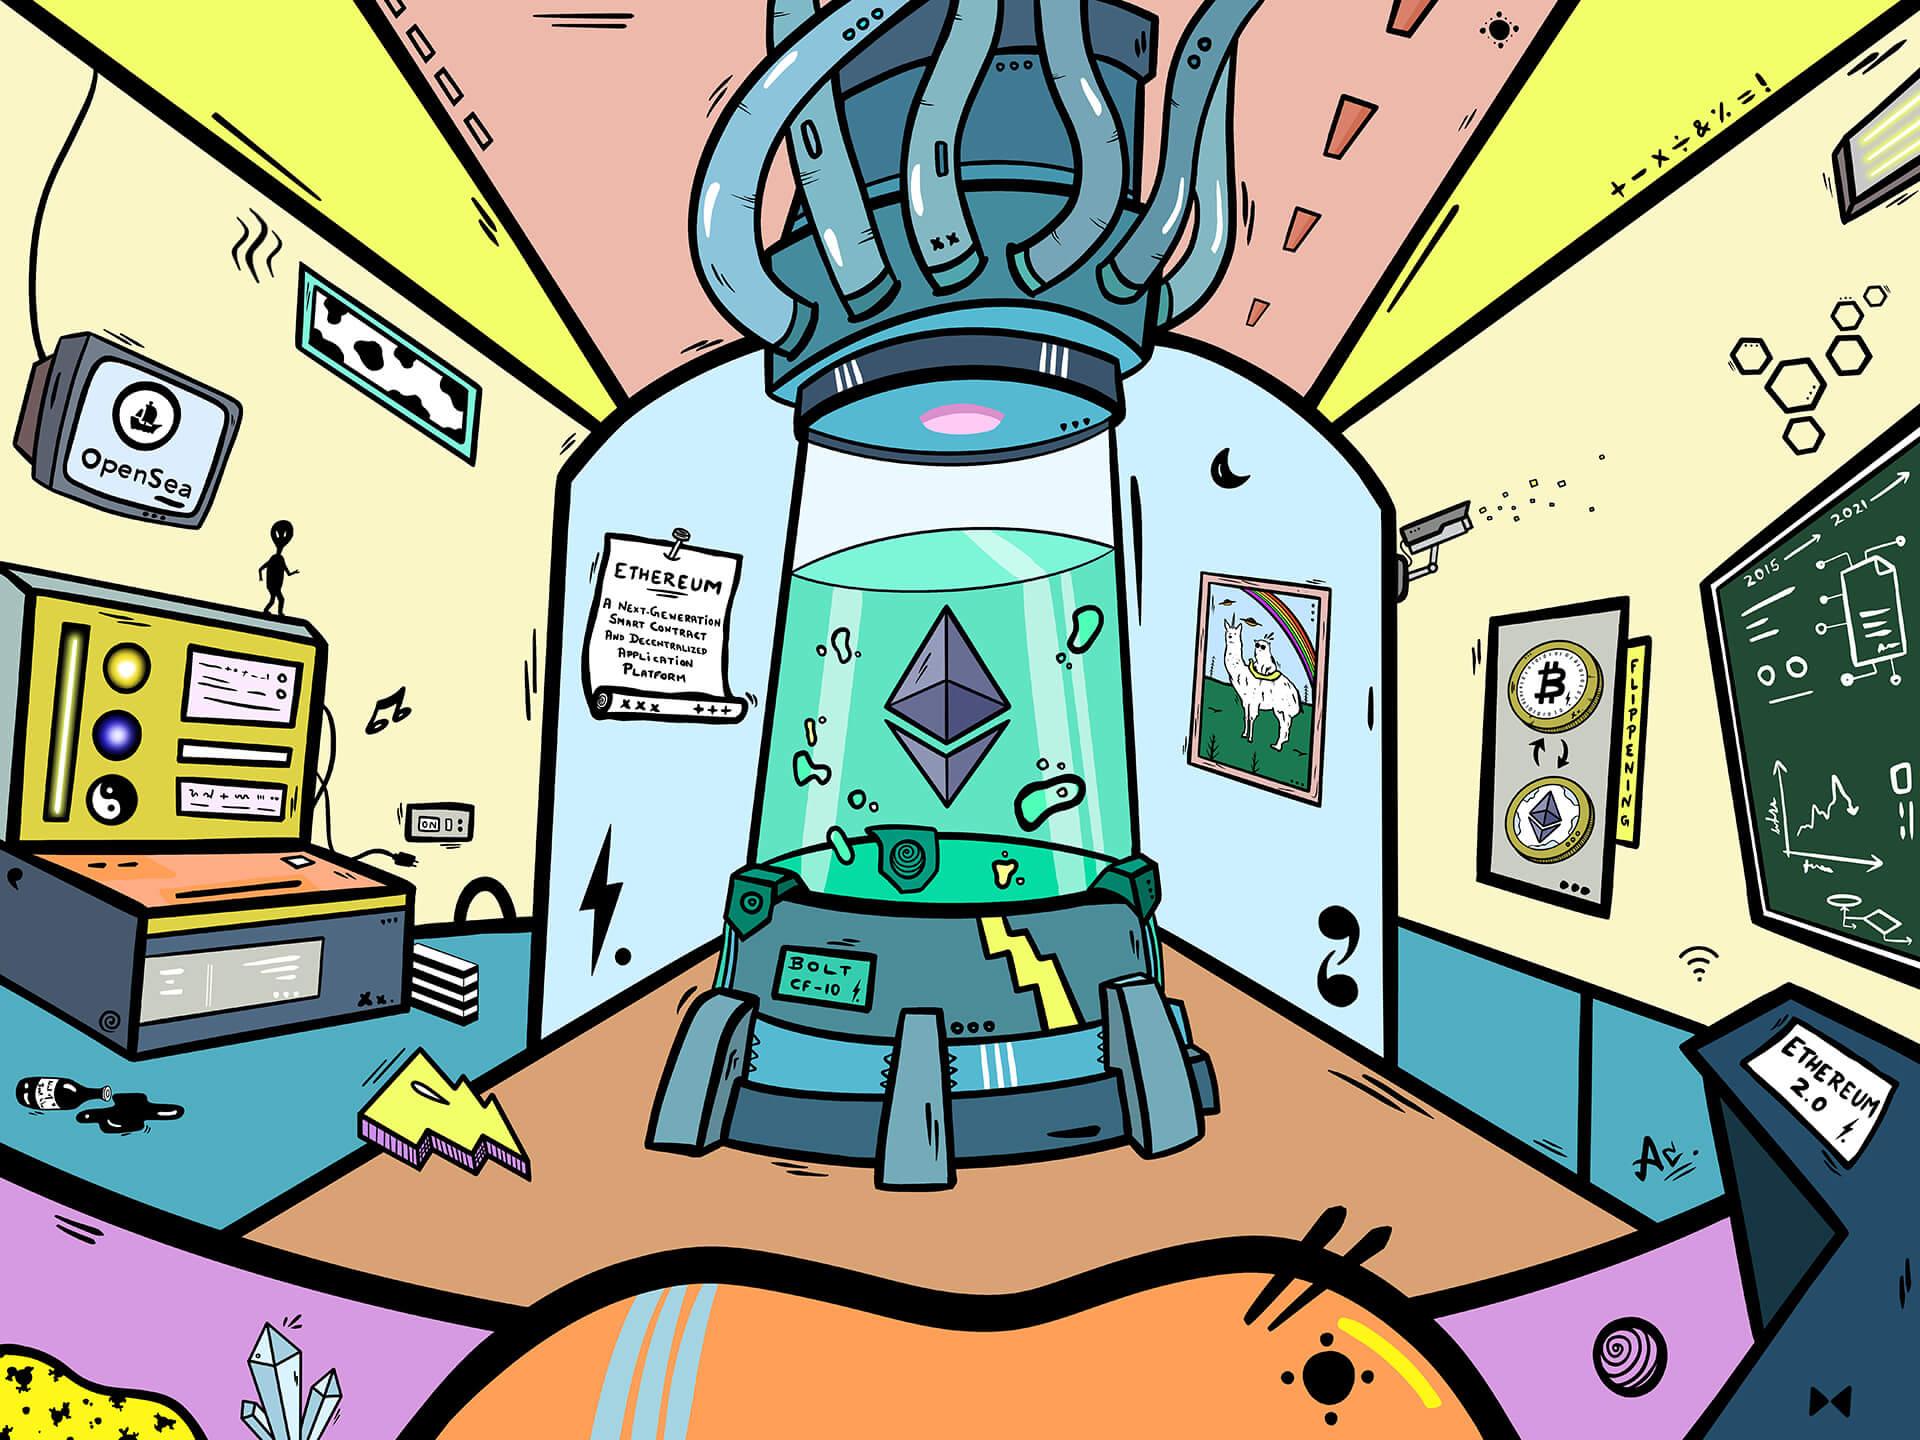 Vitalik's experiments   Aditya Chawla   STIRworld